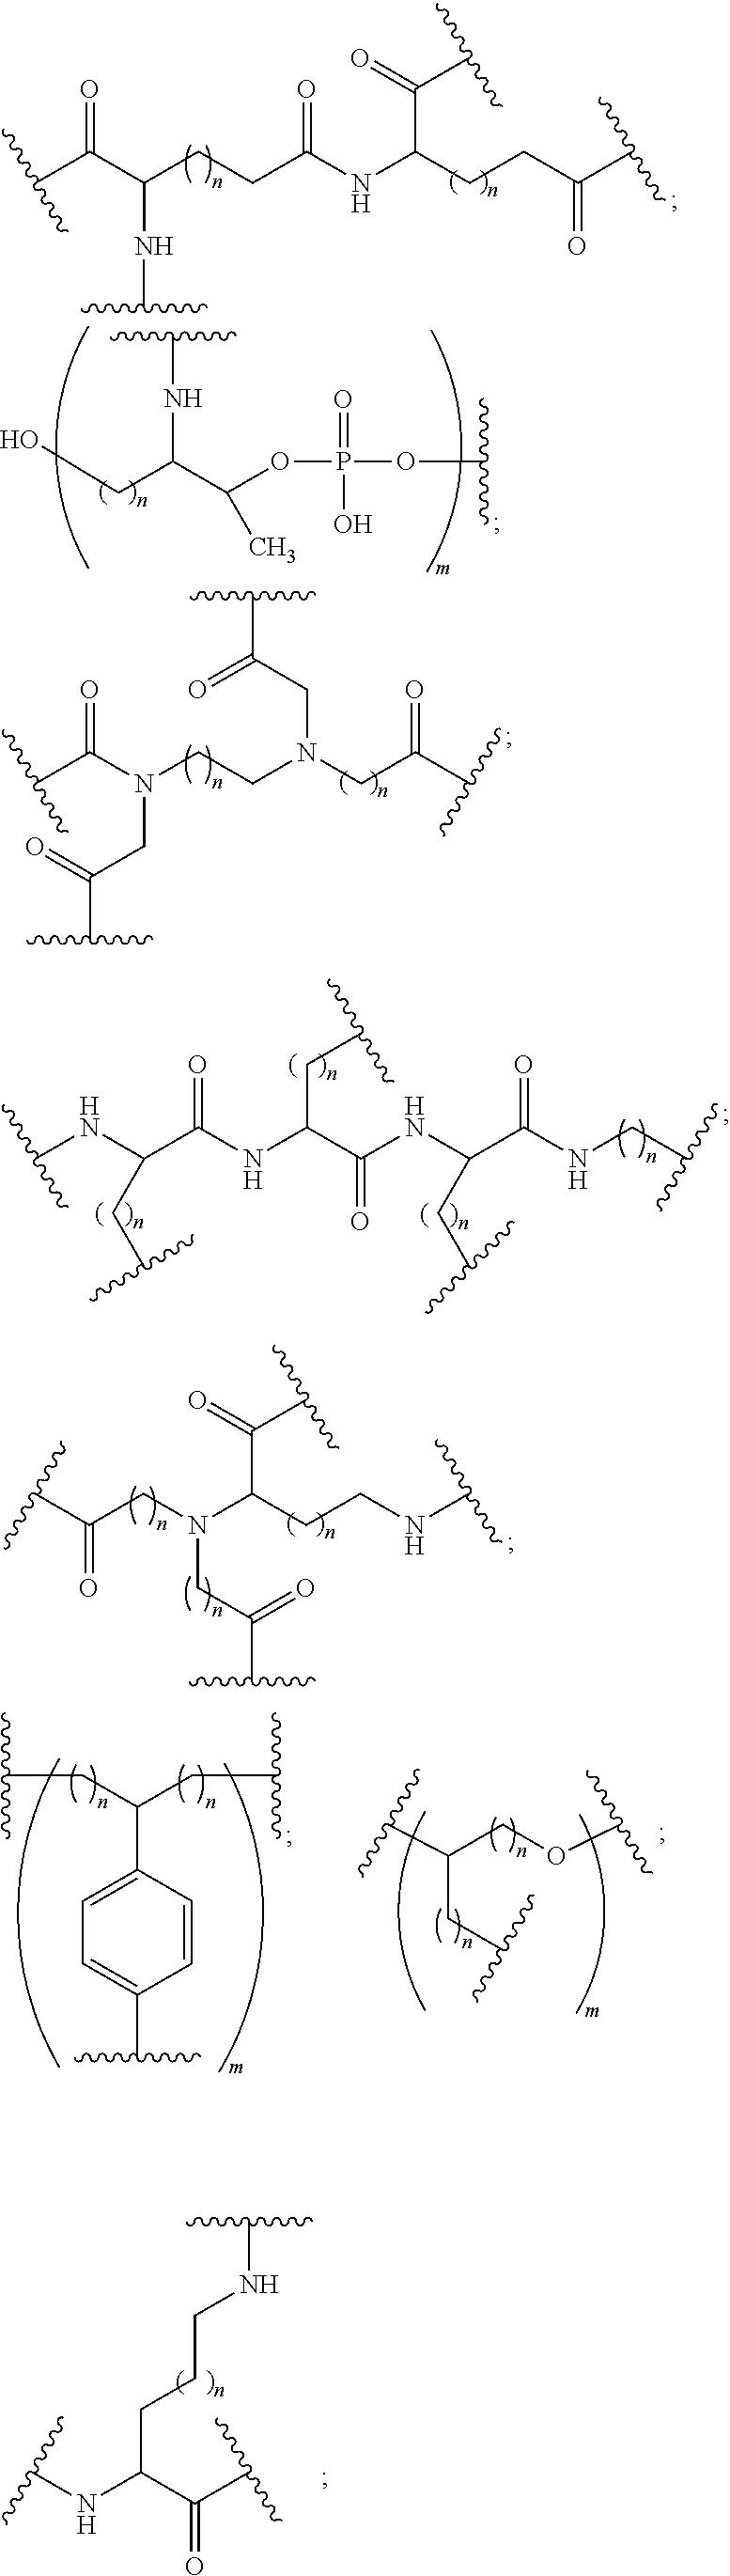 Figure US09932580-20180403-C00041